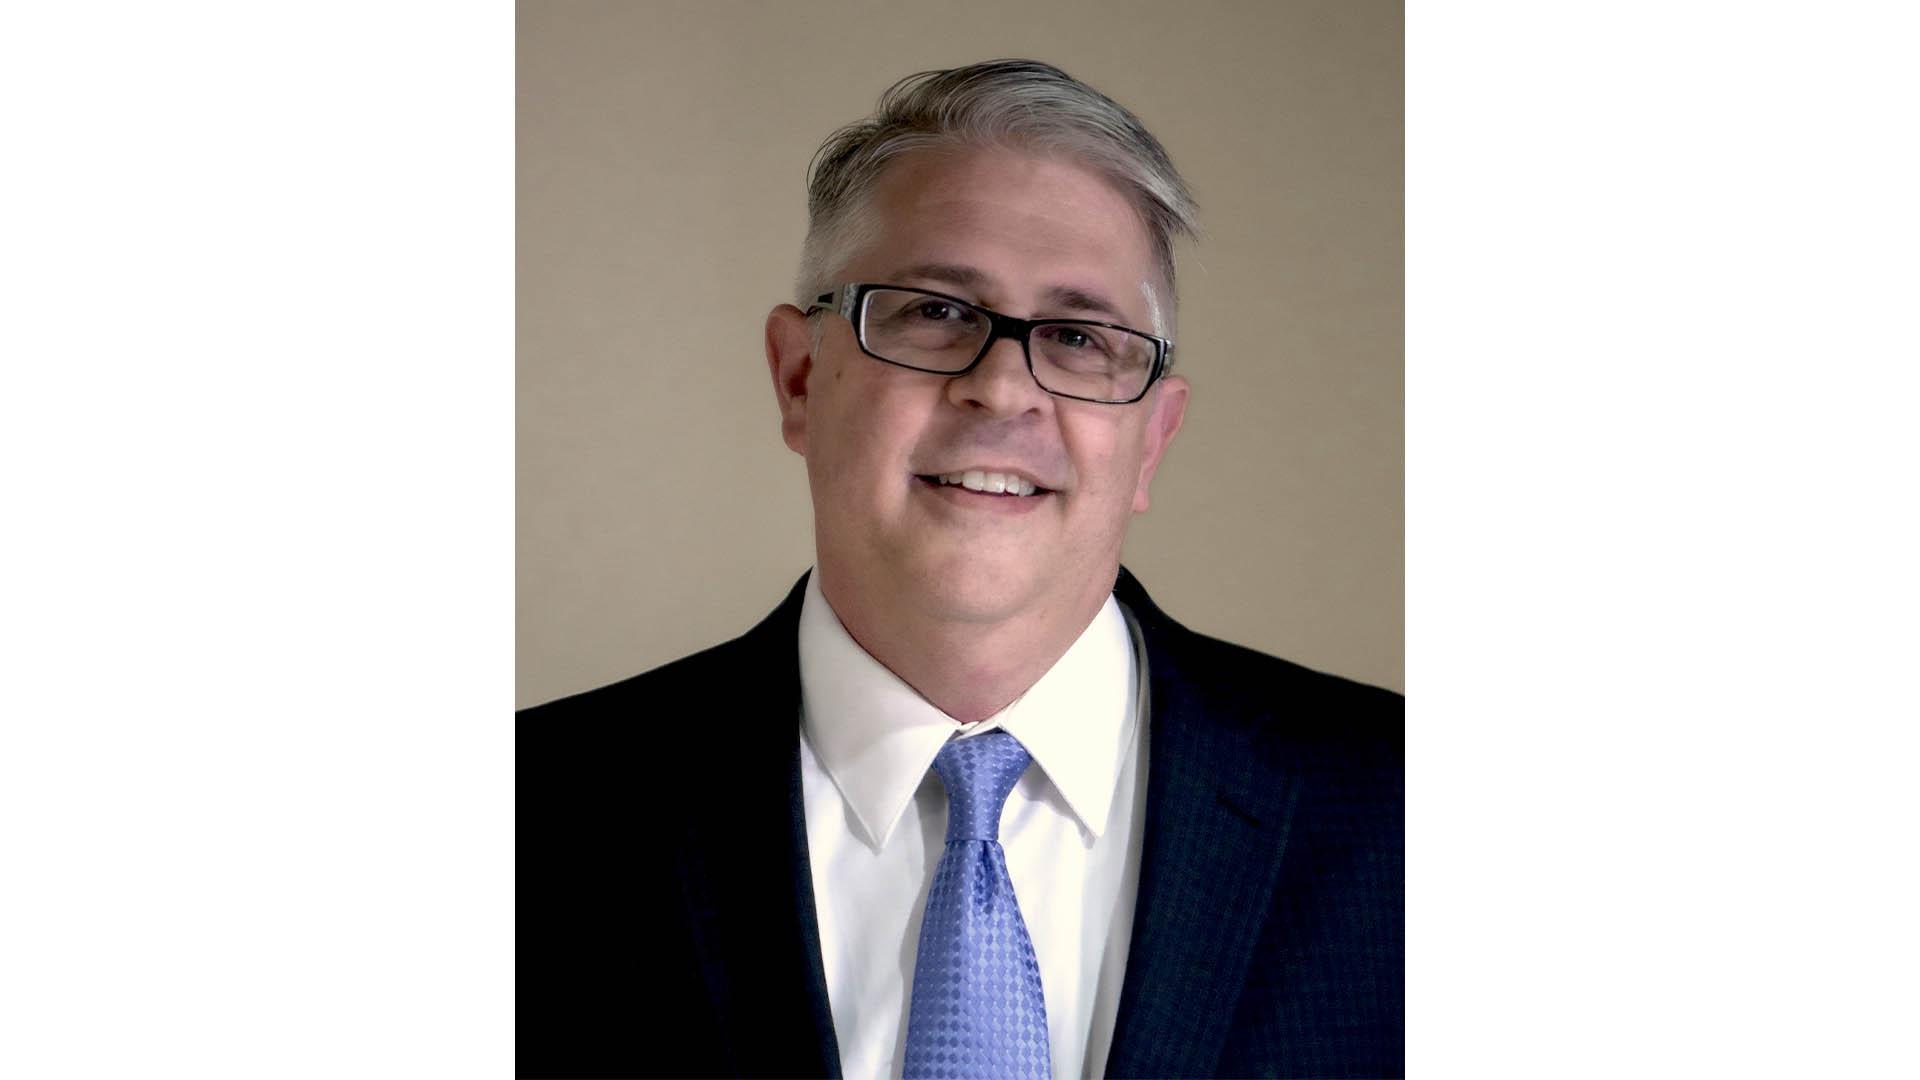 Scott Sliver